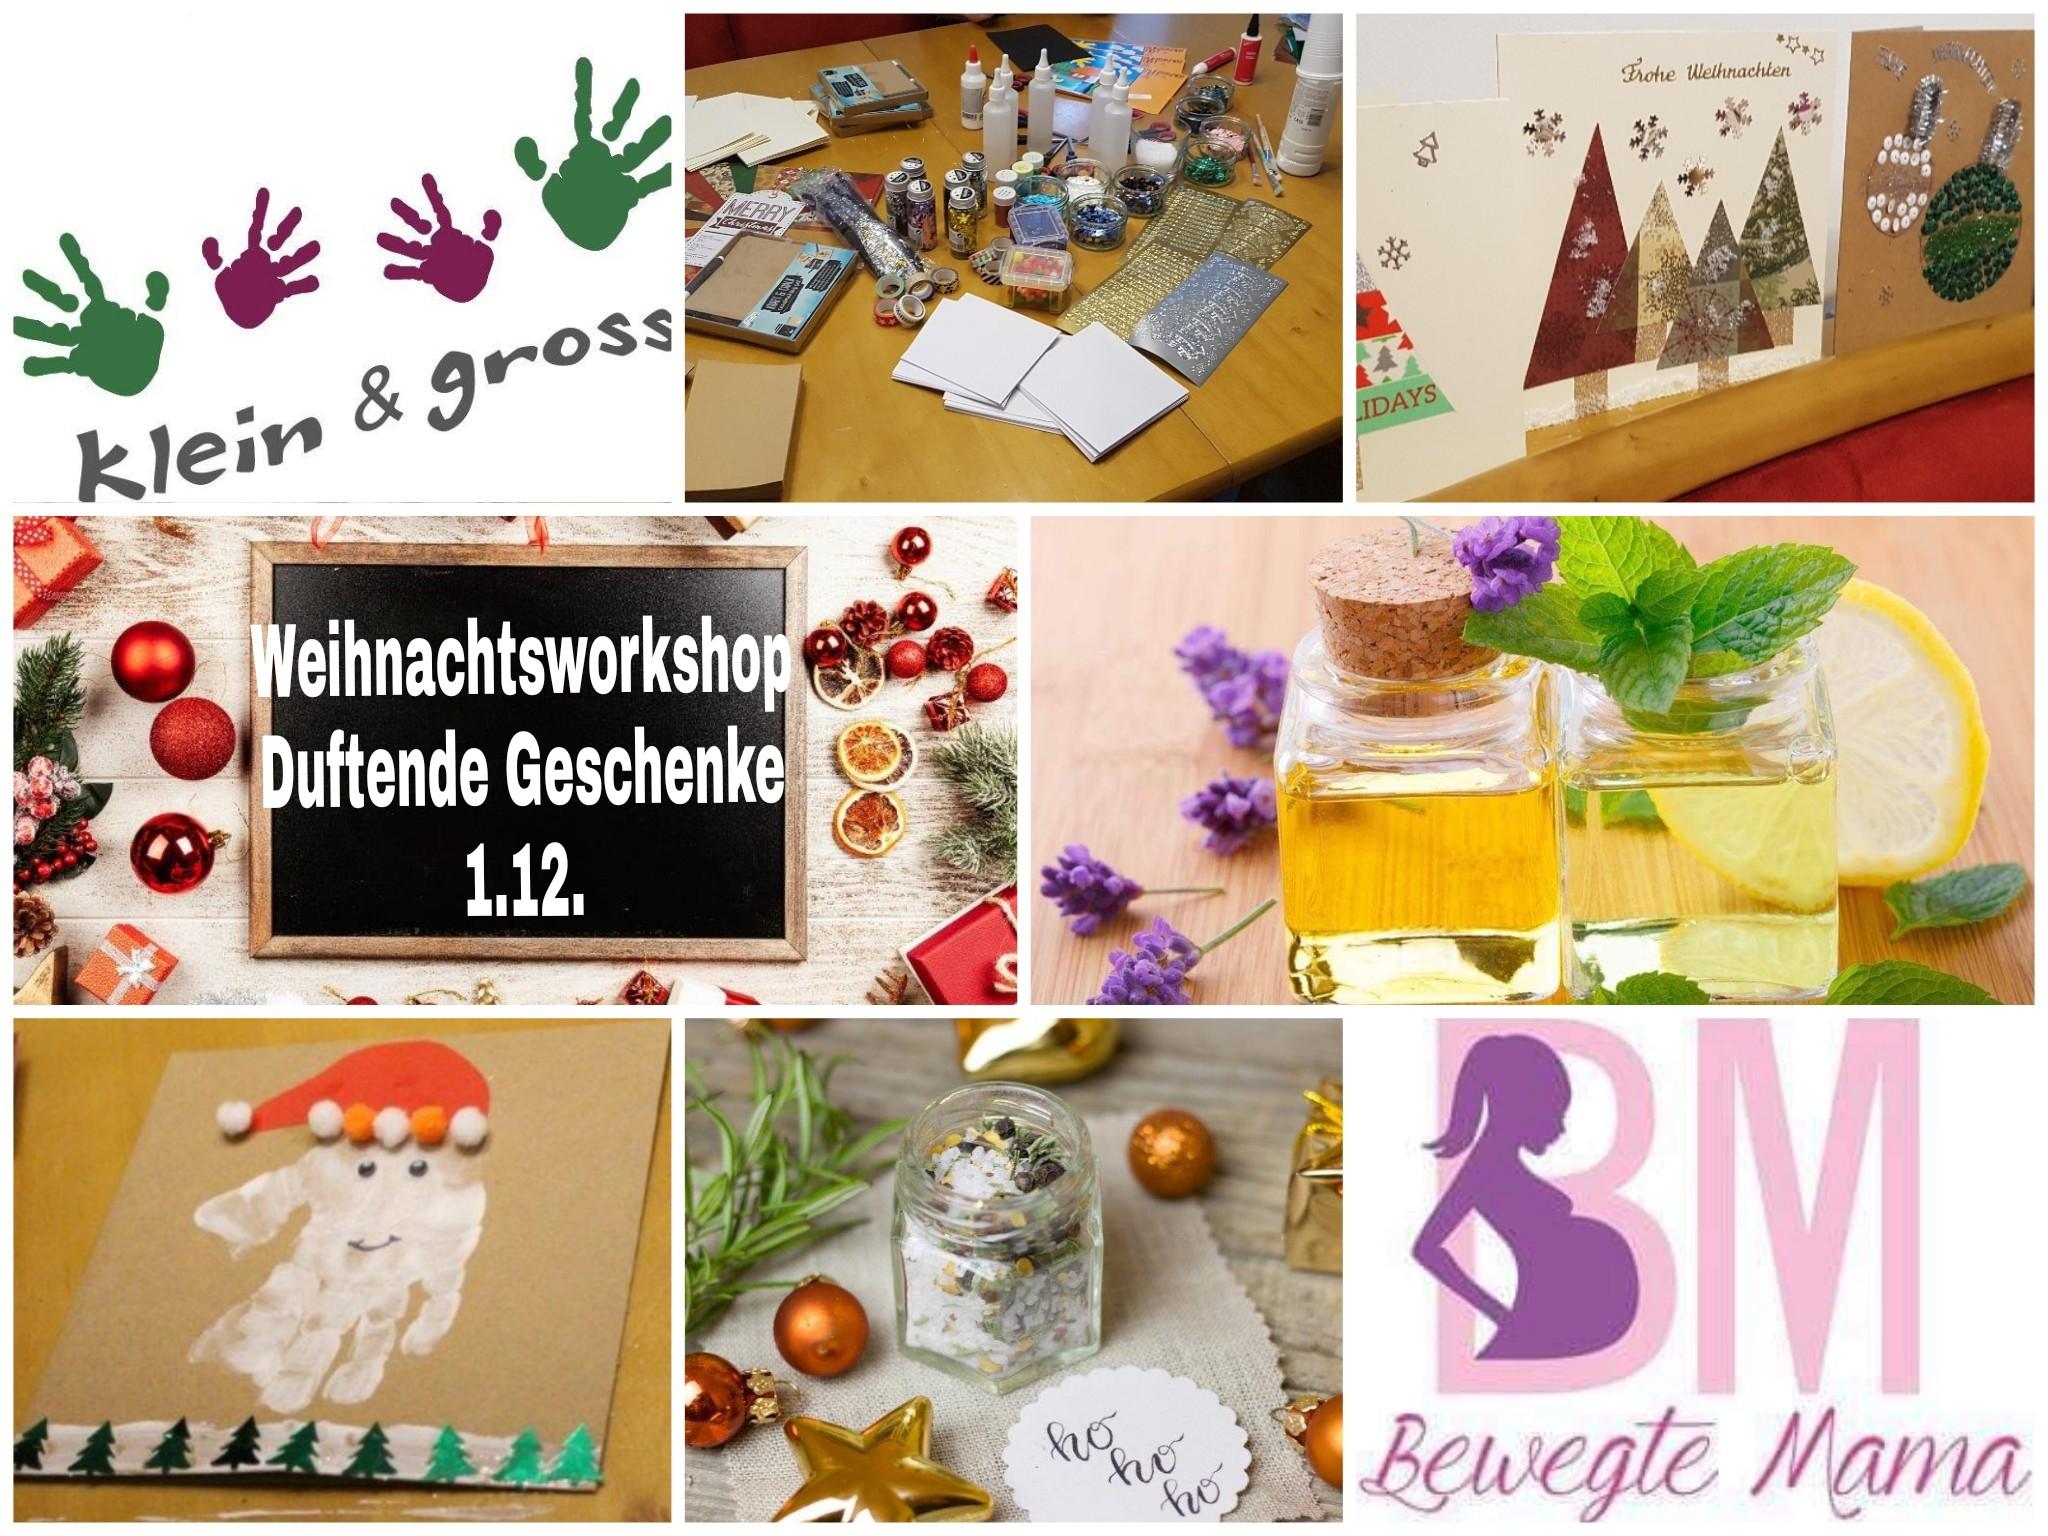 Frohe Weihnachten Bewegte Bilder.Weihnachtsworkshop Duftende Geschenke Fur 1 12 Jahrige